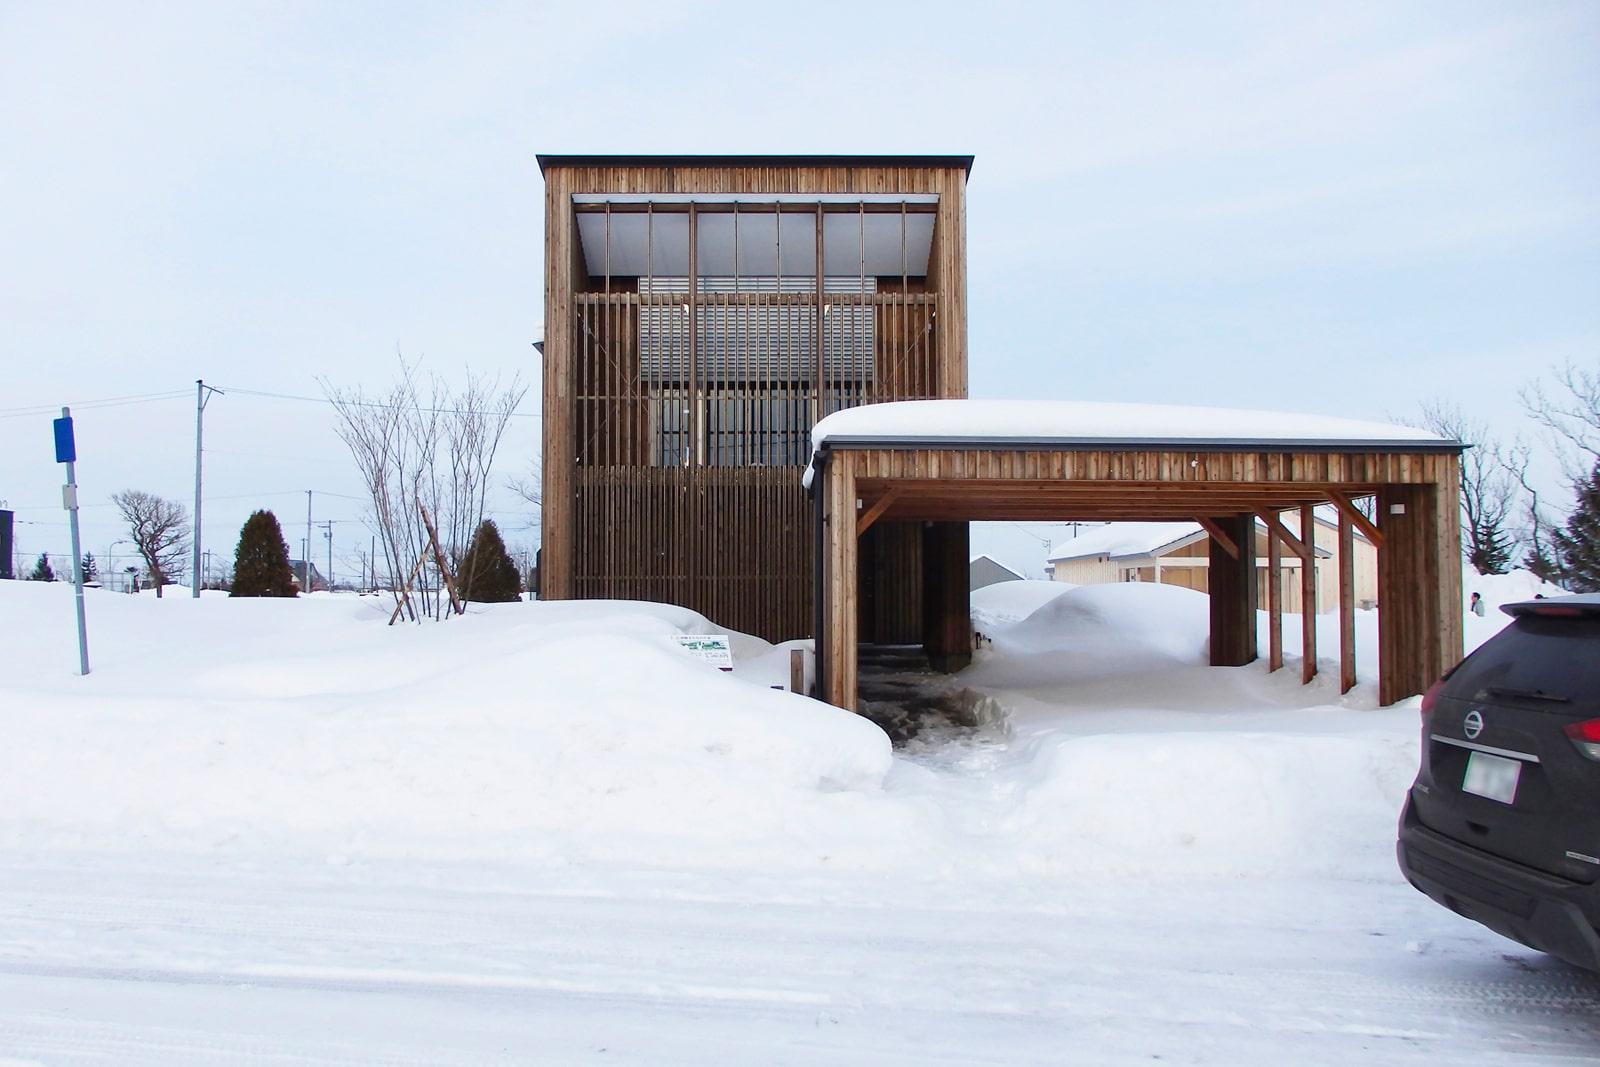 アシスト企画×山本亜耕建築設計事務所「南幌まちなかの家」<br /> 半屋外的空間として利用できるテラスと1階部分を覆う縦格子が印象的。2台分のカーポートと物置も設置